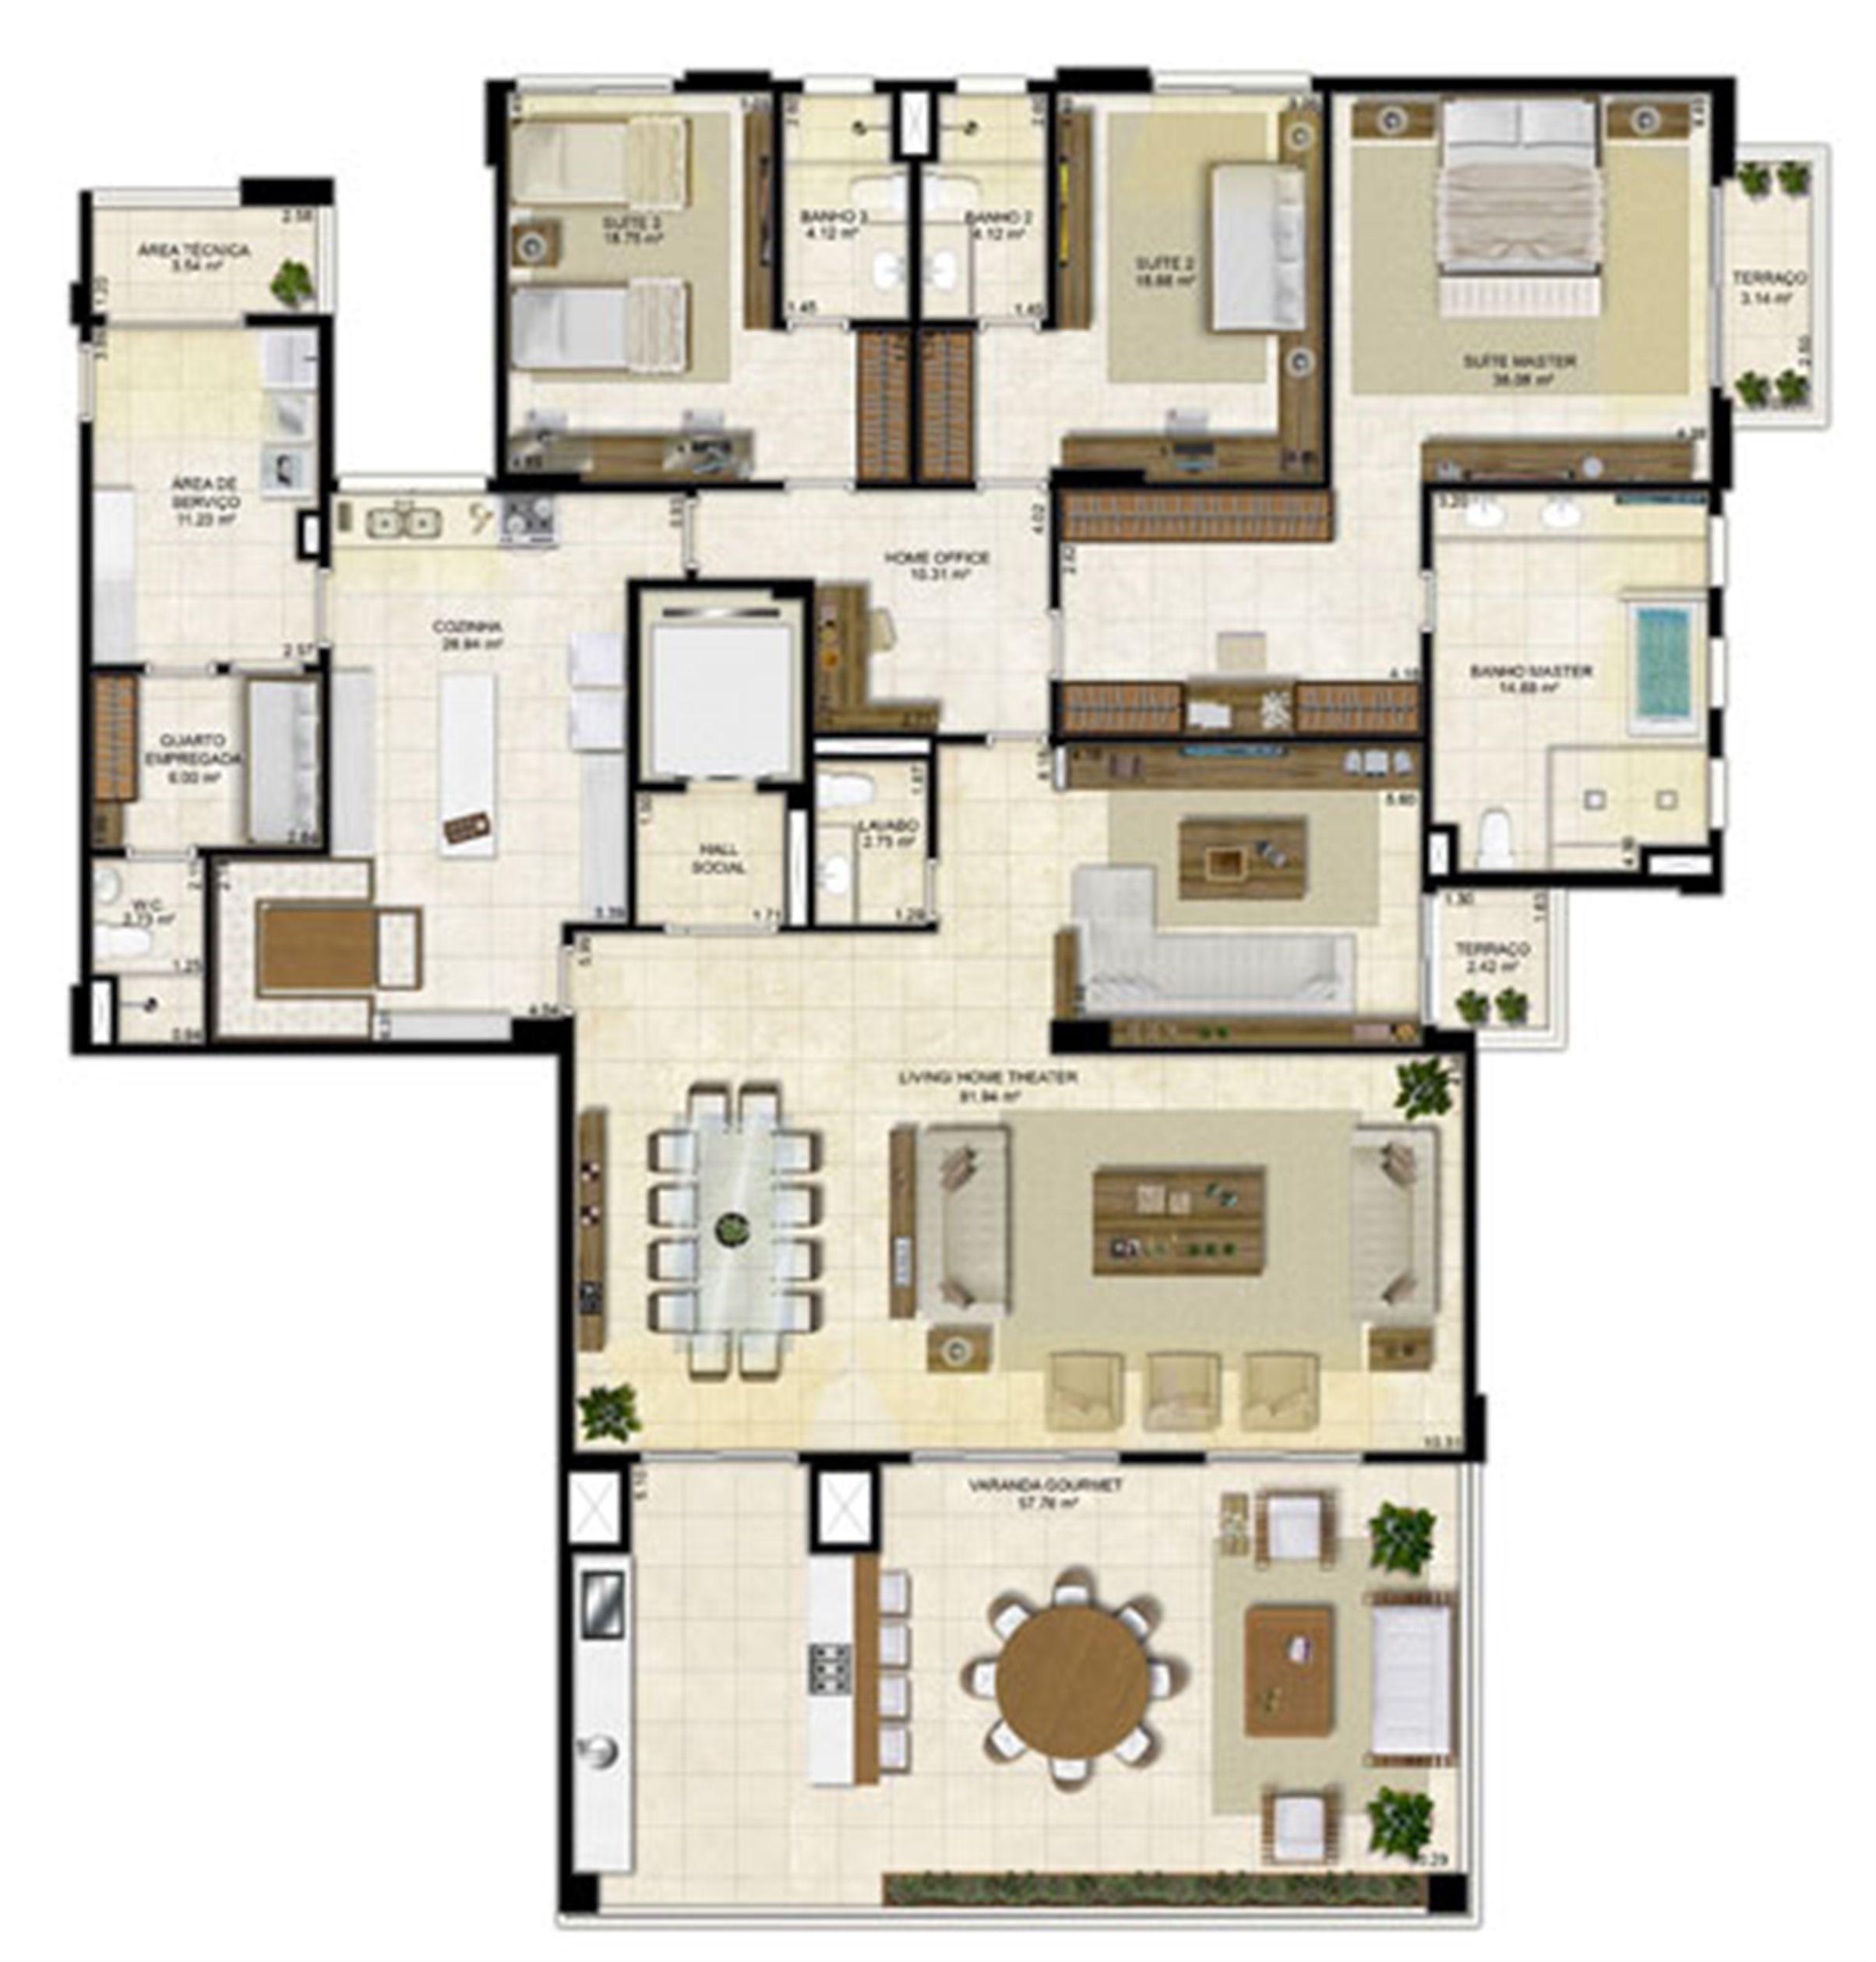 Planta ampliada 305 m² - Cozinha Ampliada e Home Theater reservado – Pavimentos Pares | Île Saint Louis  – Apartamento na  Ponta D'areia - São Luís - Maranhão